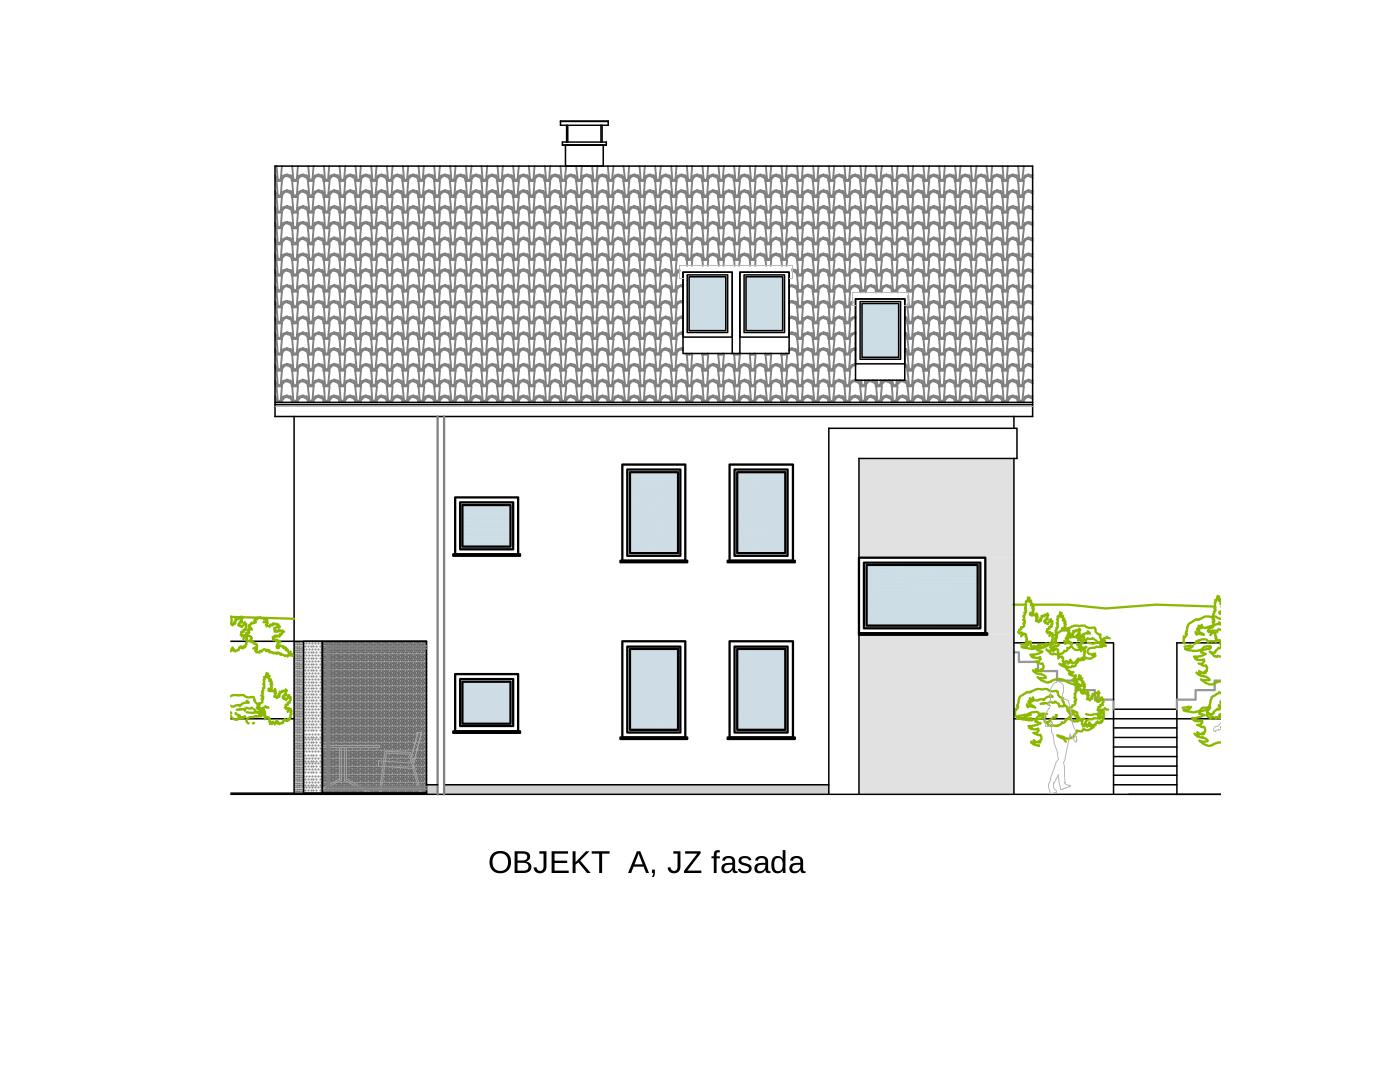 Gradnja dvostanovanjskega Objekta A JZ fasada